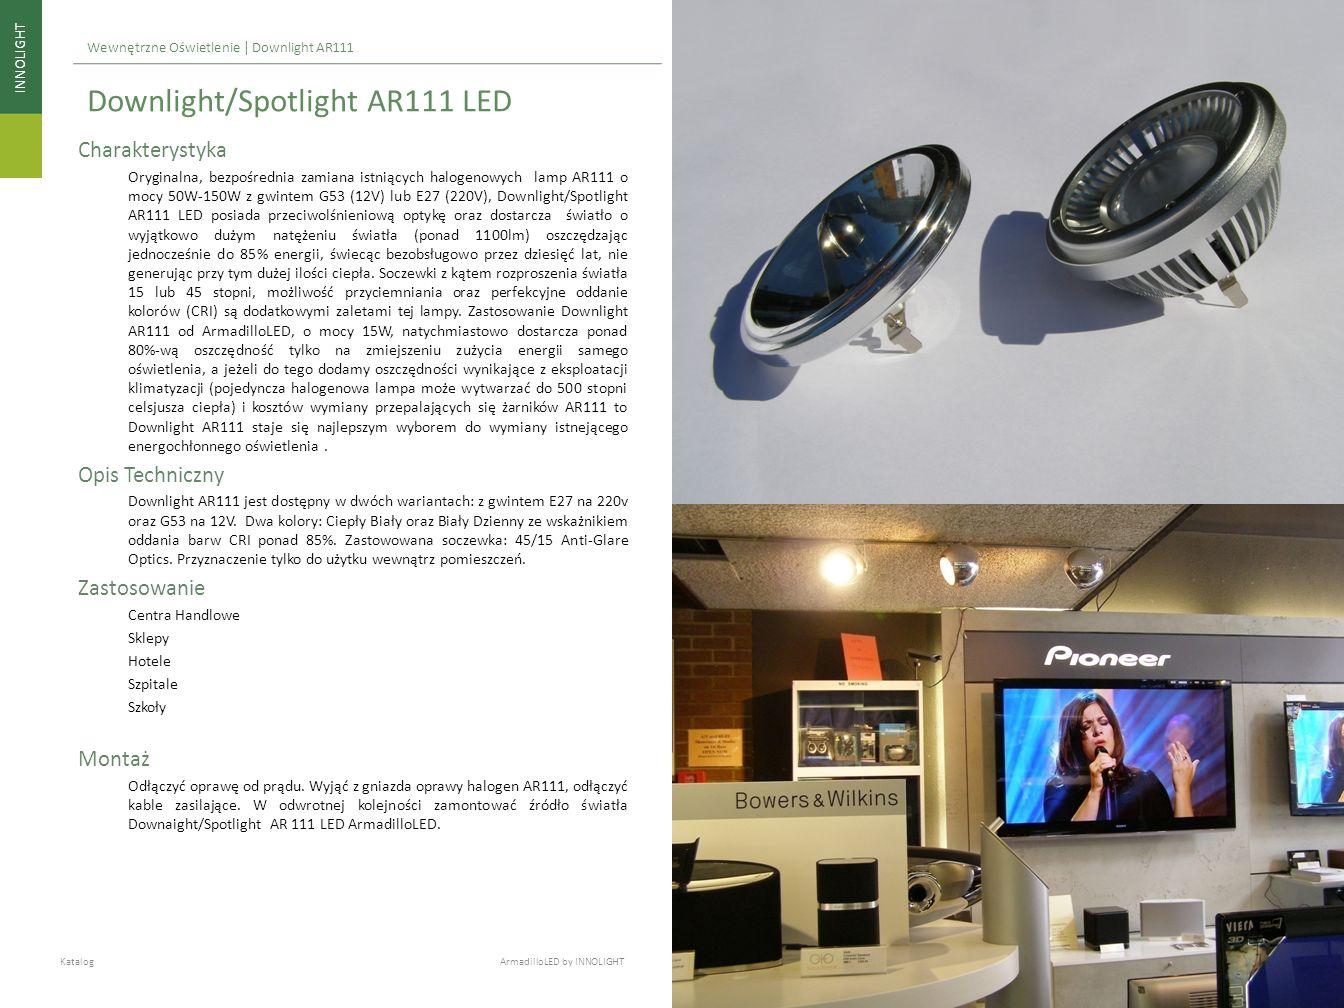 INNOLIGHT Katalog ArmadilloLED by INNOLIGHT Wewnętrzne Oświetlenie | Downlight AR111 Charakterystyka Oryginalna, bezpośrednia zamiana istniących halog